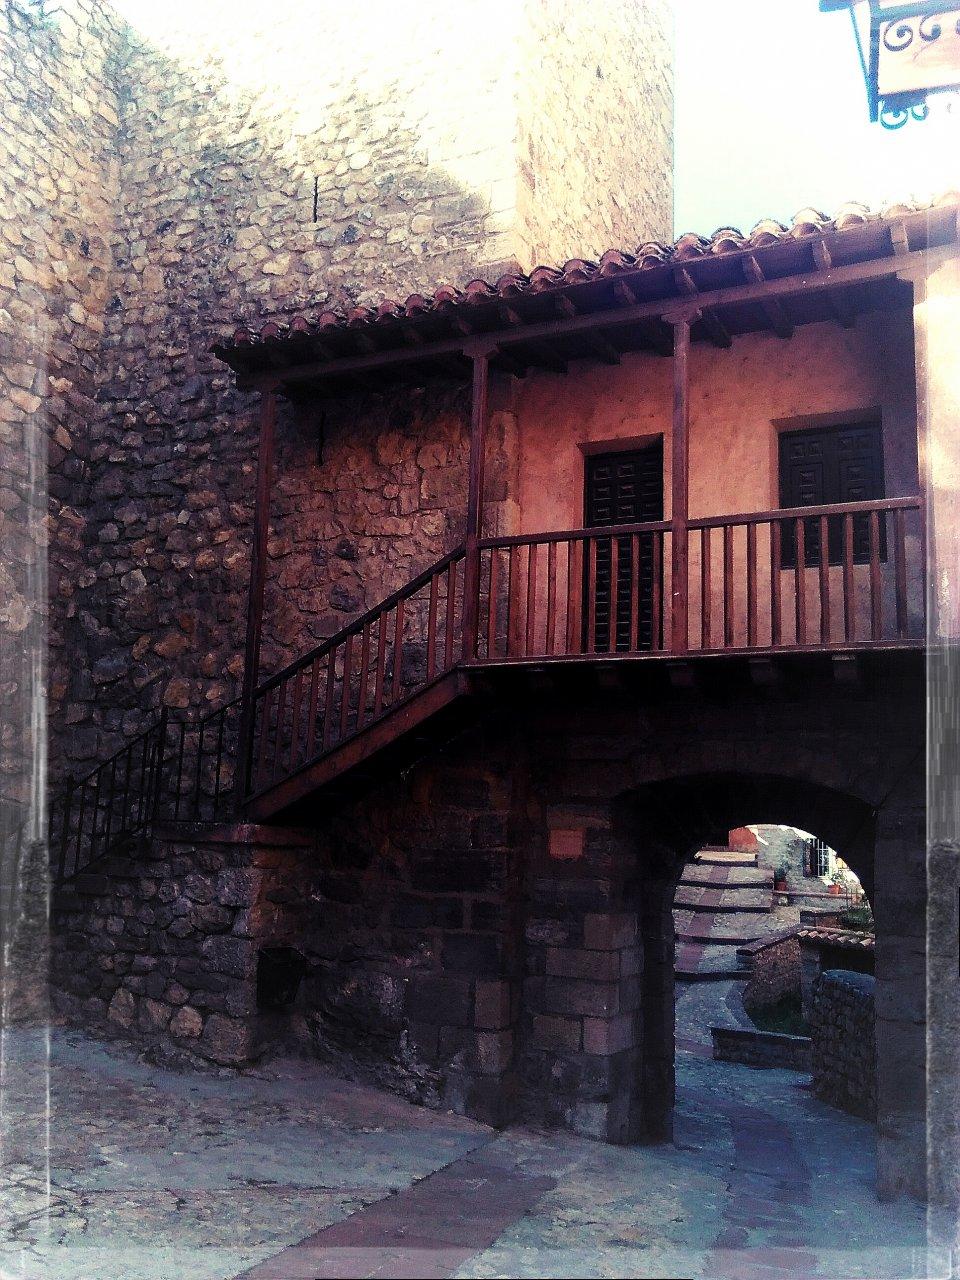 #Umbrales al #Pasado con la #VisitaGuiada en #Albarracin